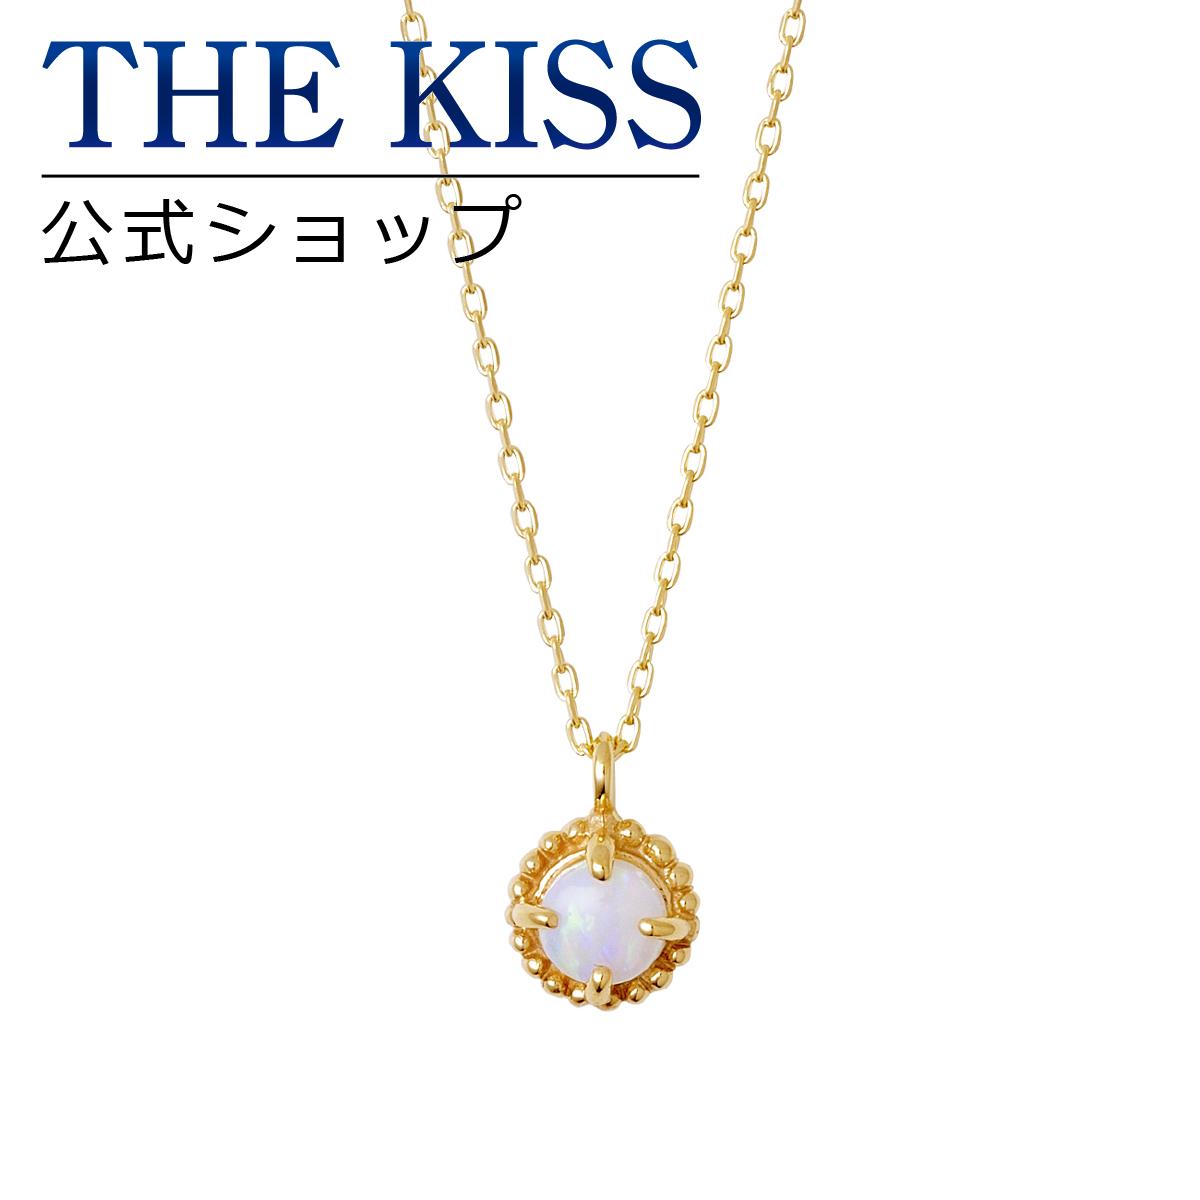 【ネット限定】【あす楽対応】【送料無料】【THEKISS】THE KISS 公式サイト K10イエローゴールド ネックレス レディースジュエリー・アクセサリー ジュエリーブランド THEKISS ネックレス KW-N2201YG ザキス